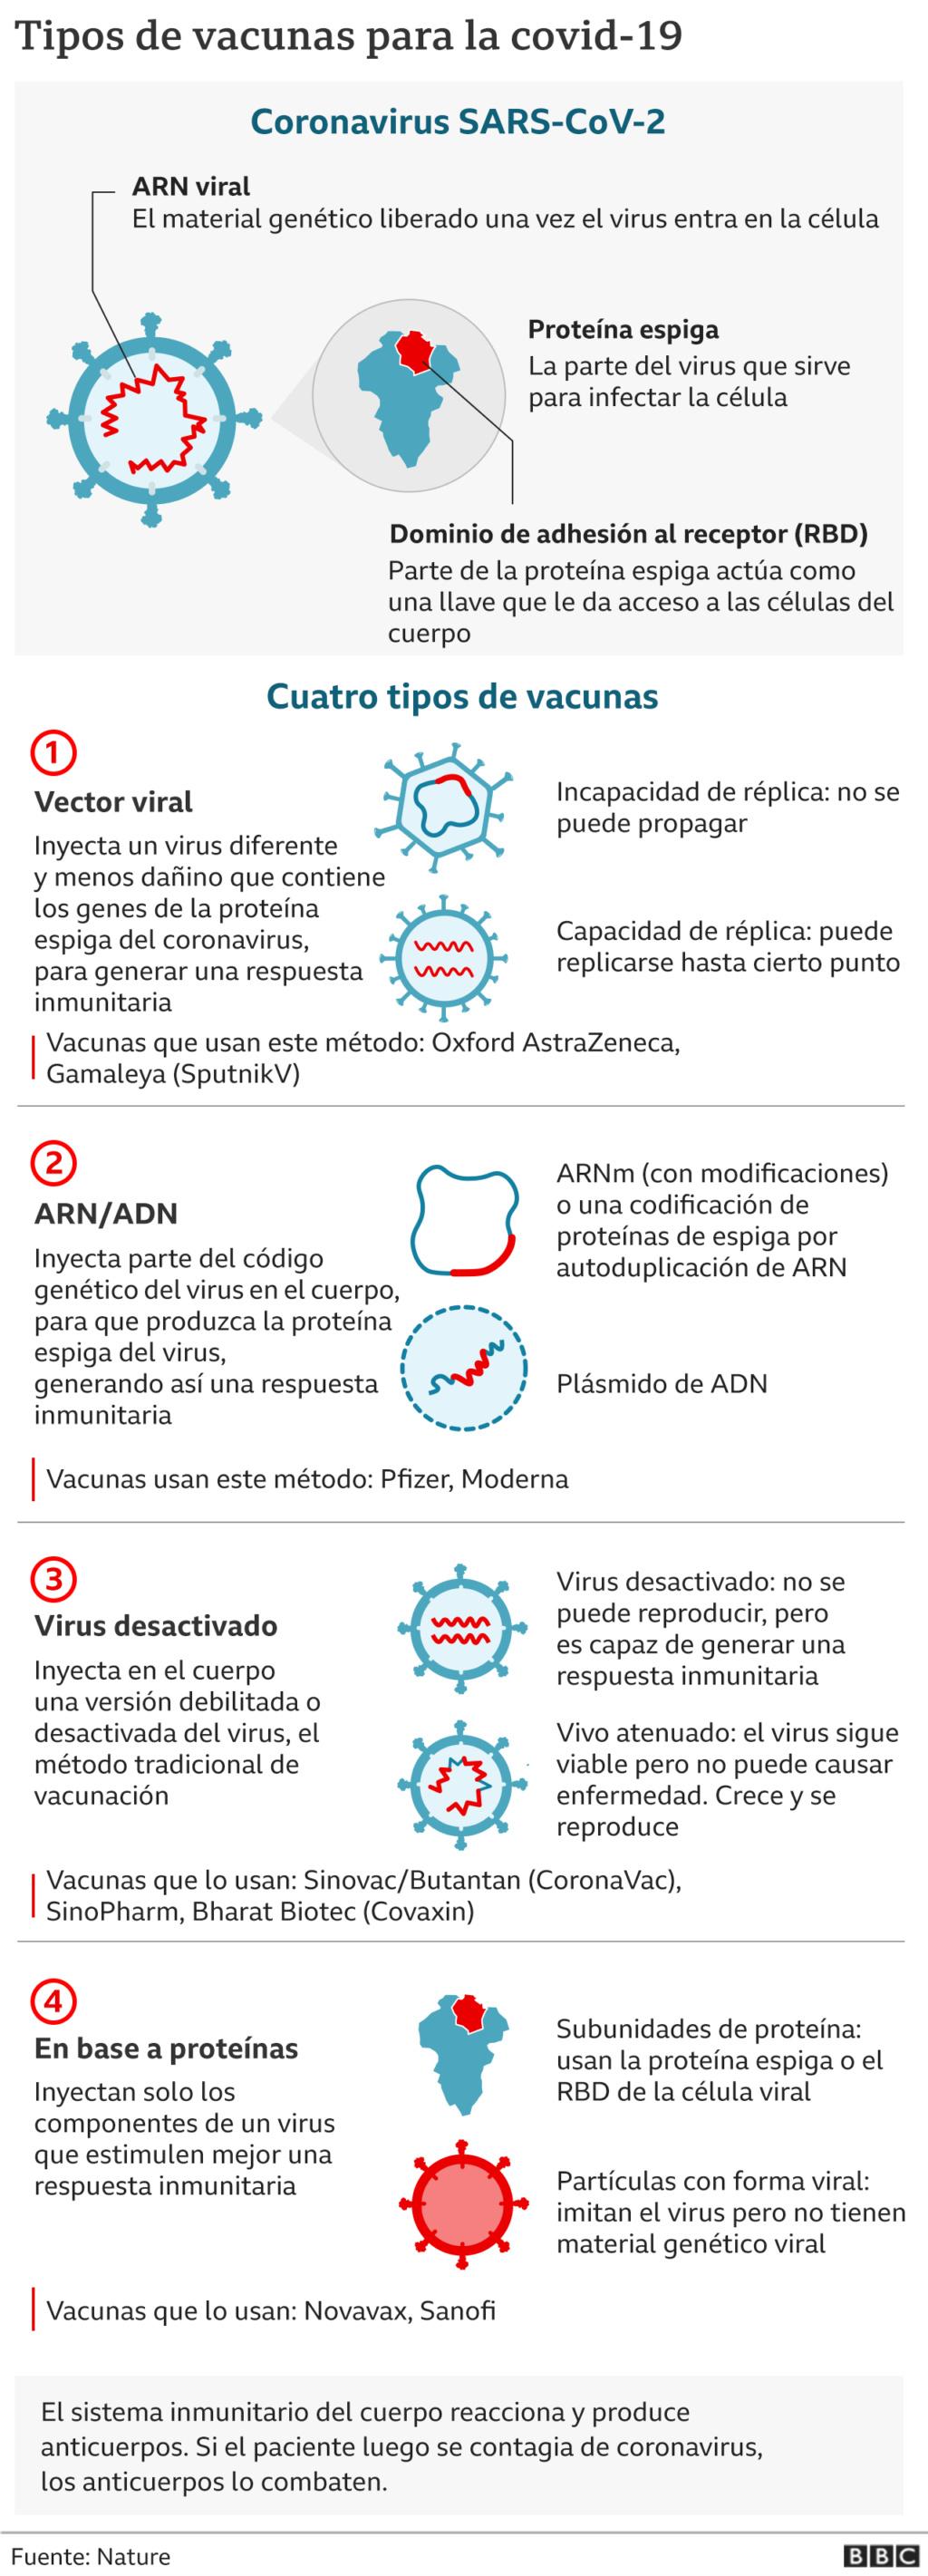 Adioscorona. Web sobre SARS-CoV-2 y pandemia Covid-19 en 11 idiomas. _1164210